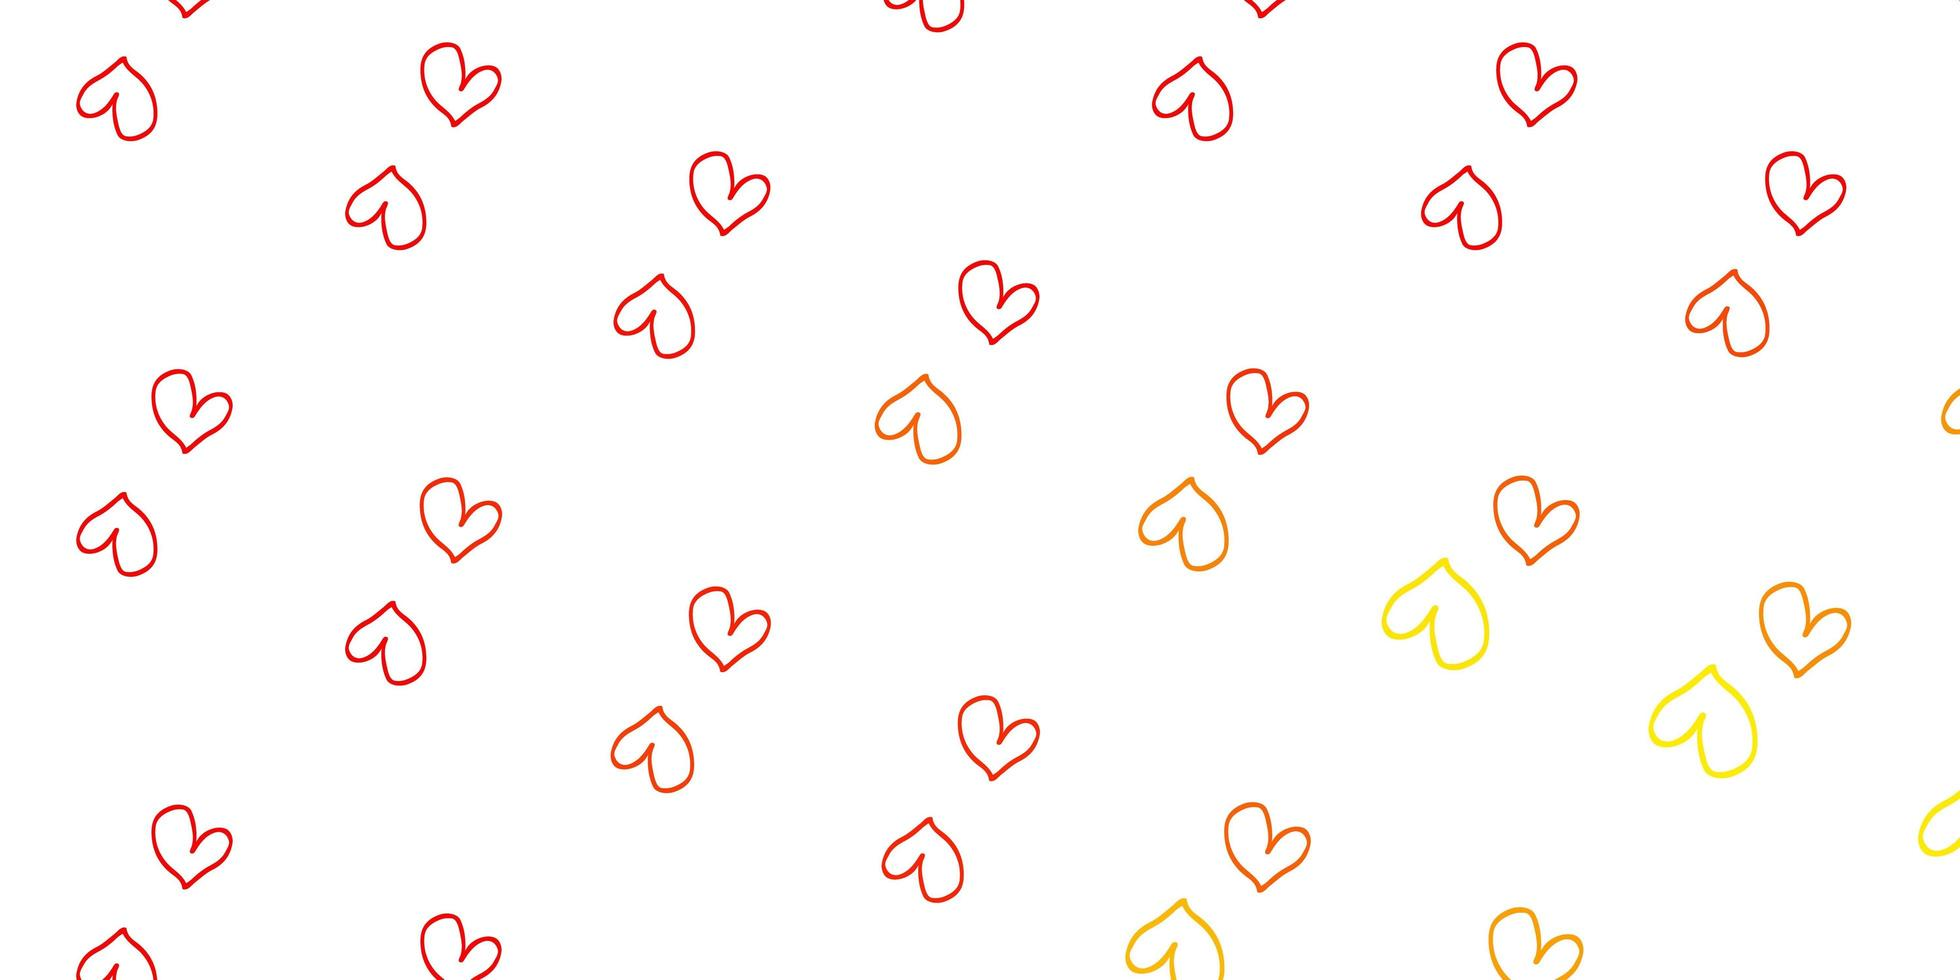 textura de vector rojo, amarillo claro con corazones encantadores.